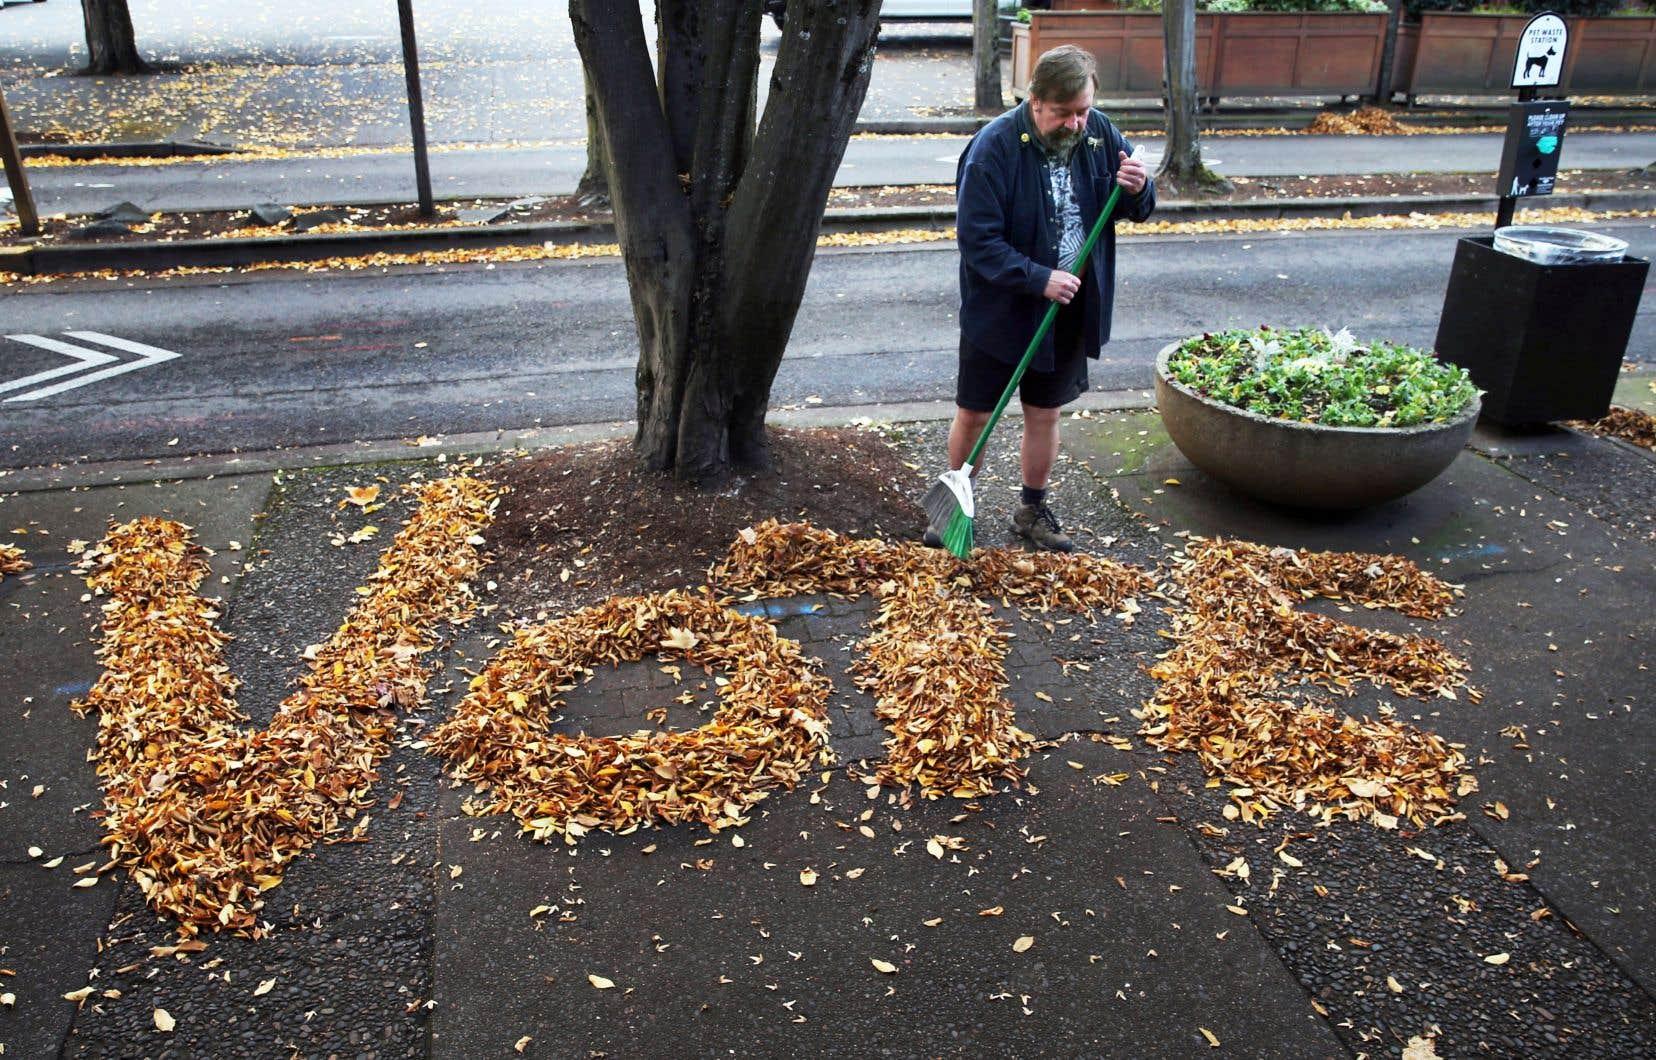 Tim Boyden, un résident de l'Oregon, a trouvé une façon bien adaptée à la saison pour inciter ses concitoyens à exercer leur droit de vote.